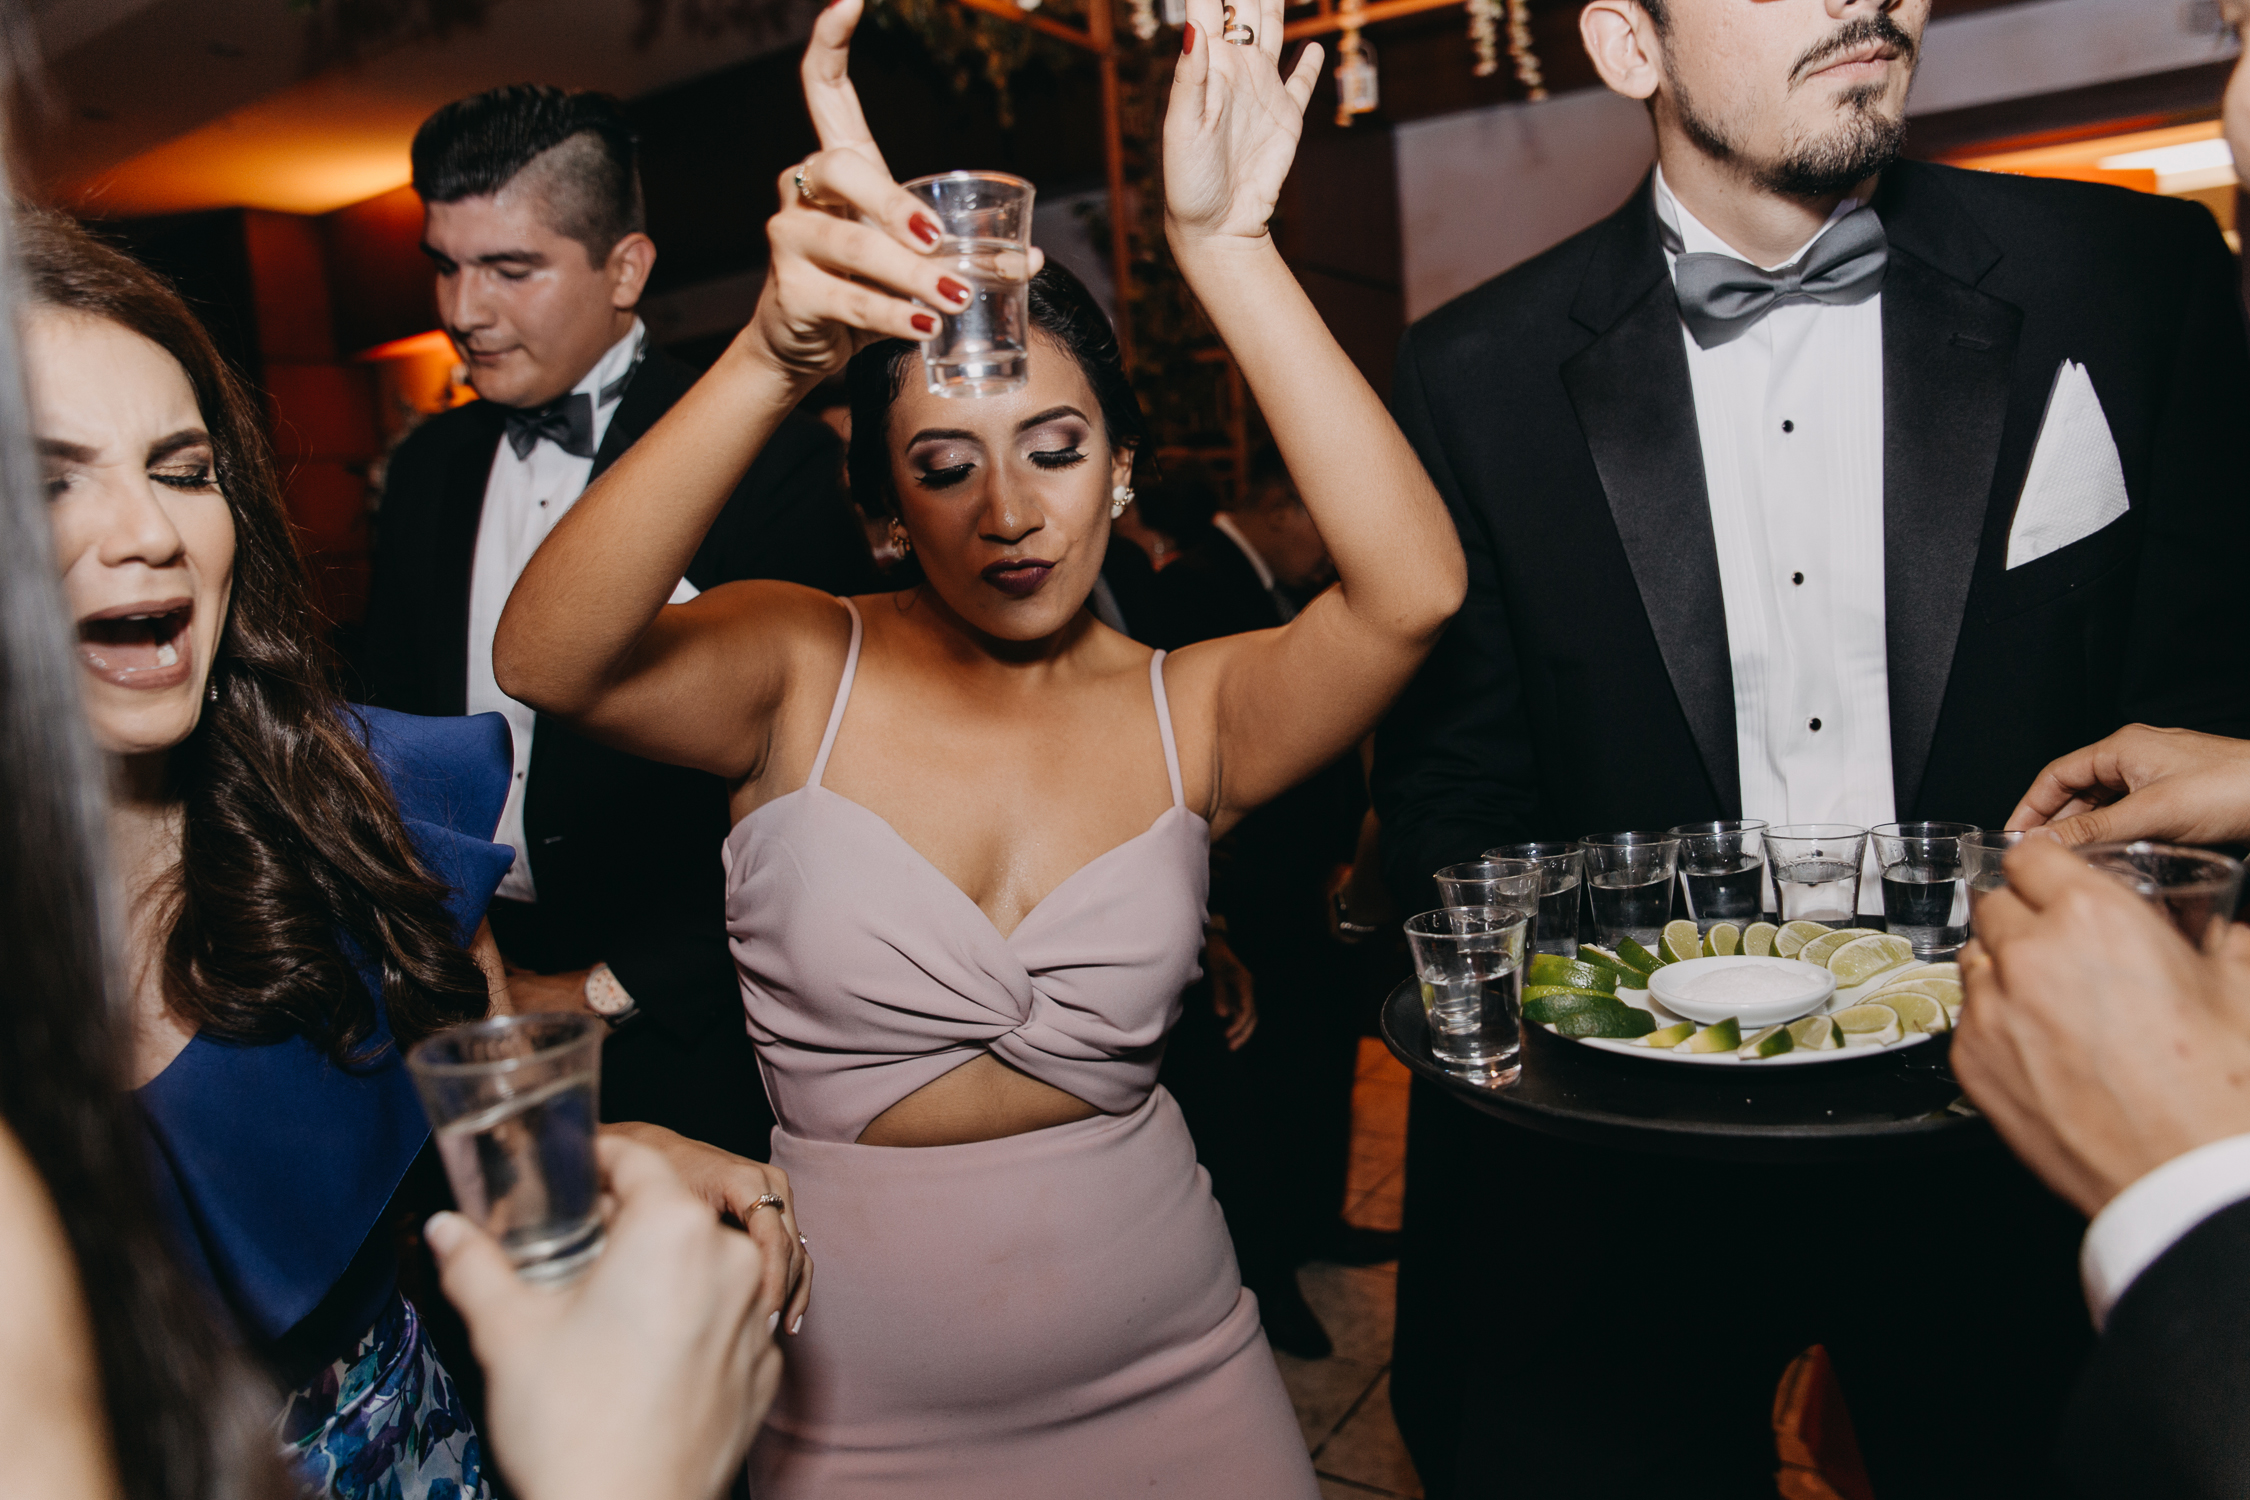 Michelle-Agurto-Fotografia-Bodas-Ecuador-Destination-Wedding-Photographer-Patricia-Guido-278.JPG